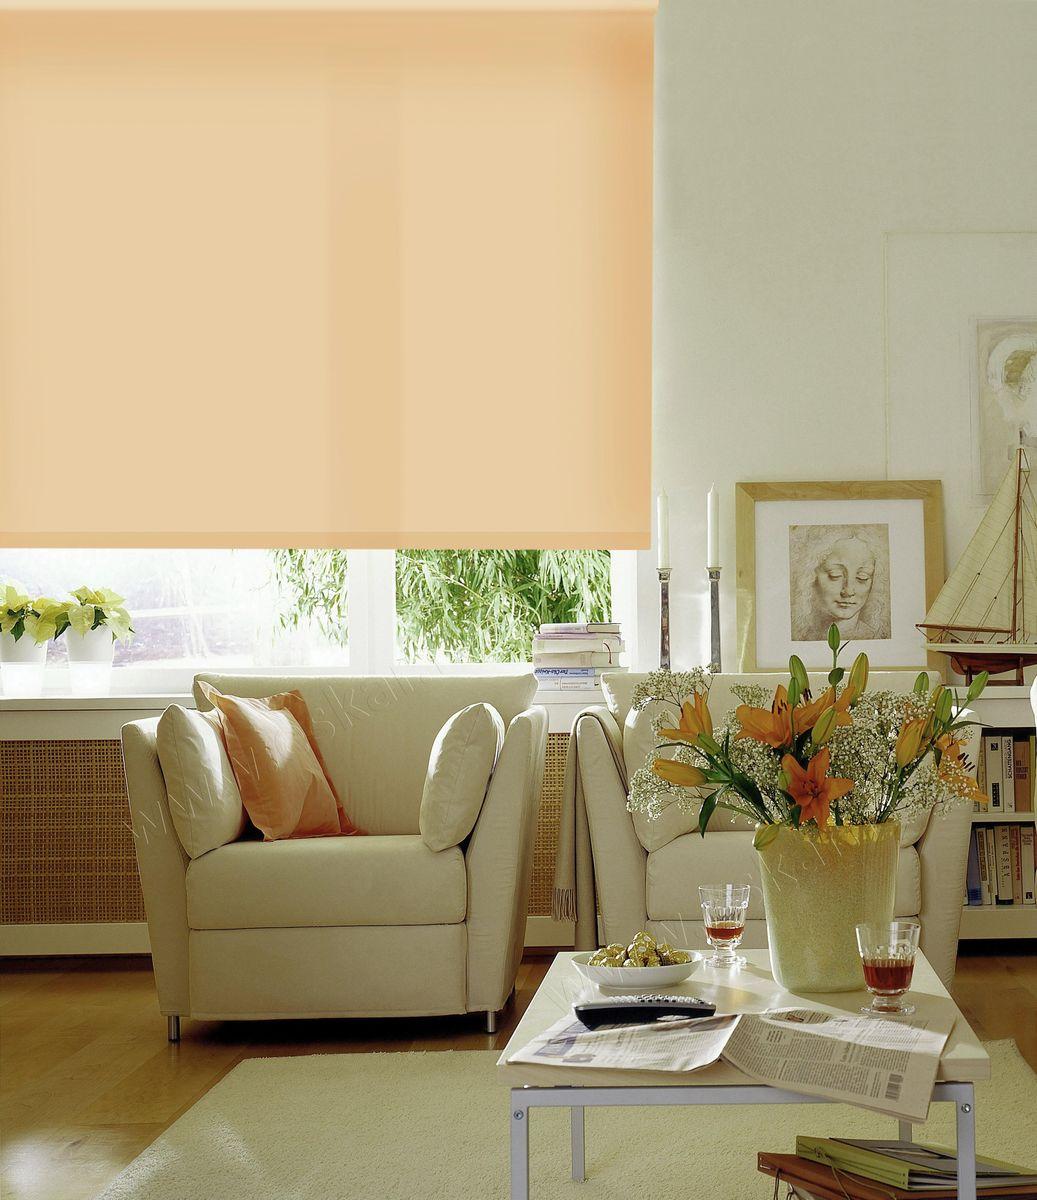 Штора рулонная Эскар, цвет: светло-абрикосовый, ширина 60 см, высота 170 см81112060170Рулонными шторами можно оформлять окна как самостоятельно, так и использовать в комбинации с портьерами. Это поможет предотвратить выгорание дорогой ткани на солнце и соединит функционал рулонных с красотой навесных.Преимущества применения рулонных штор для пластиковых окон:- имеют прекрасный внешний вид: многообразие и фактурность материала изделия отлично смотрятся в любом интерьере; - многофункциональны: есть возможность подобрать шторы способные эффективно защитить комнату от солнца, при этом о на не будет слишком темной. - Есть возможность осуществить быстрый монтаж. ВНИМАНИЕ! Размеры ширины изделия указаны по ширине ткани!Во время эксплуатации не рекомендуется полностью разматывать рулон, чтобы не оторвать ткань от намоточного вала.В случае загрязнения поверхности ткани, чистку шторы проводят одним из способов, в зависимости от типа загрязнения: легкое поверхностное загрязнение можно удалить при помощи канцелярского ластика; чистка от пыли производится сухим методом при помощи пылесоса с мягкой щеткой-насадкой; для удаления пятна используйте мягкую губку с пенообразующим неагрессивным моющим средством или пятновыводитель на натуральной основе (нельзя применять растворители).